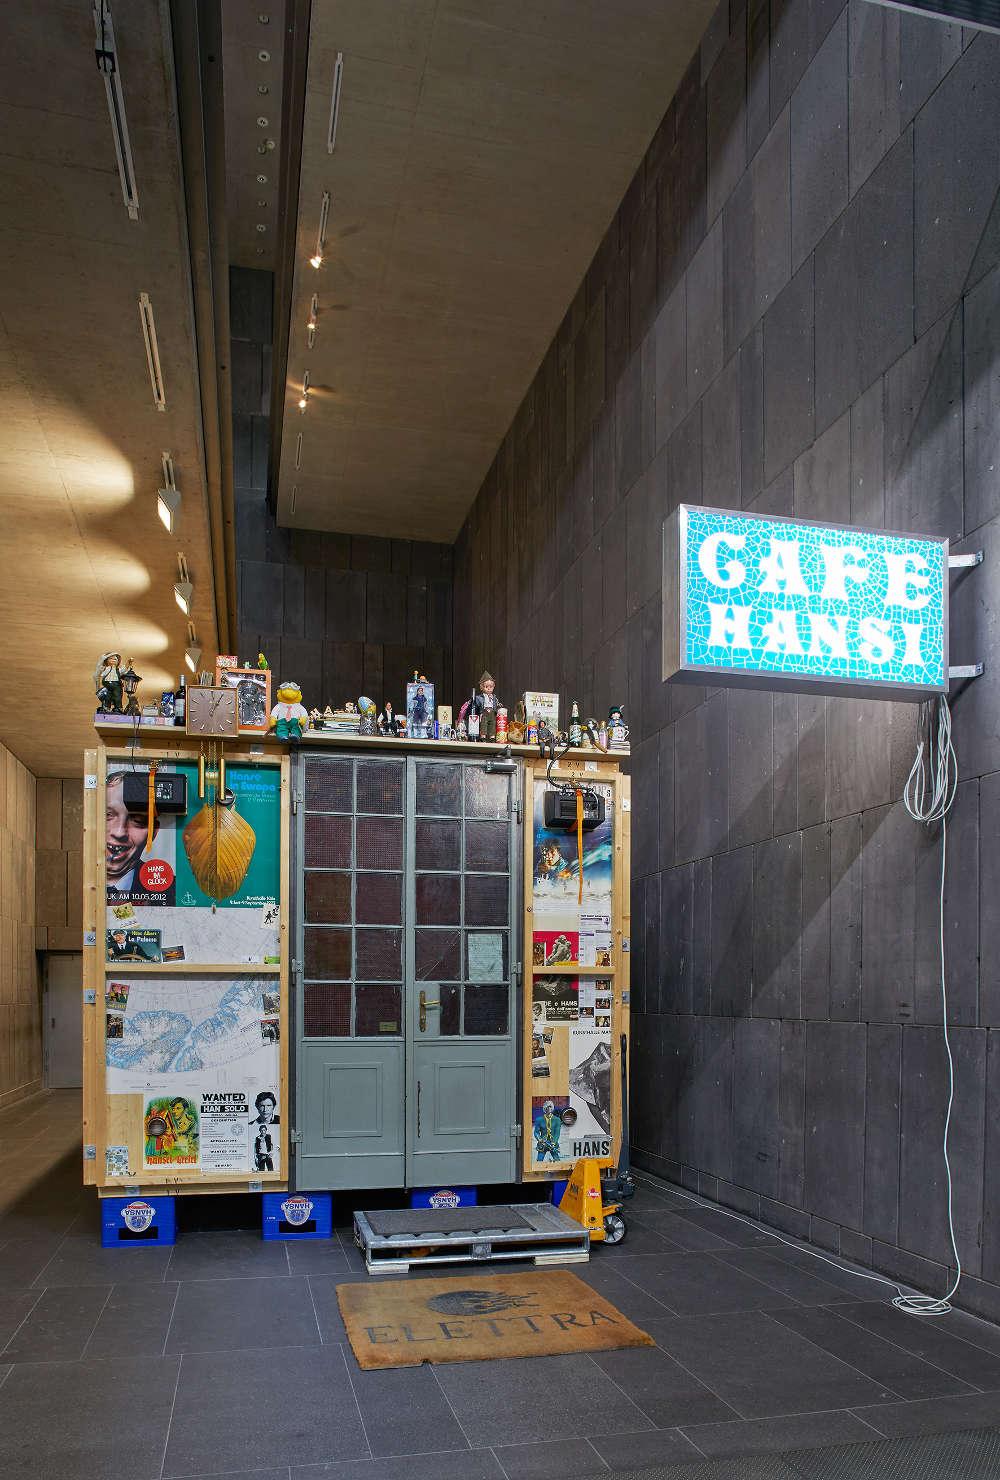 Cafe Hansi mumok